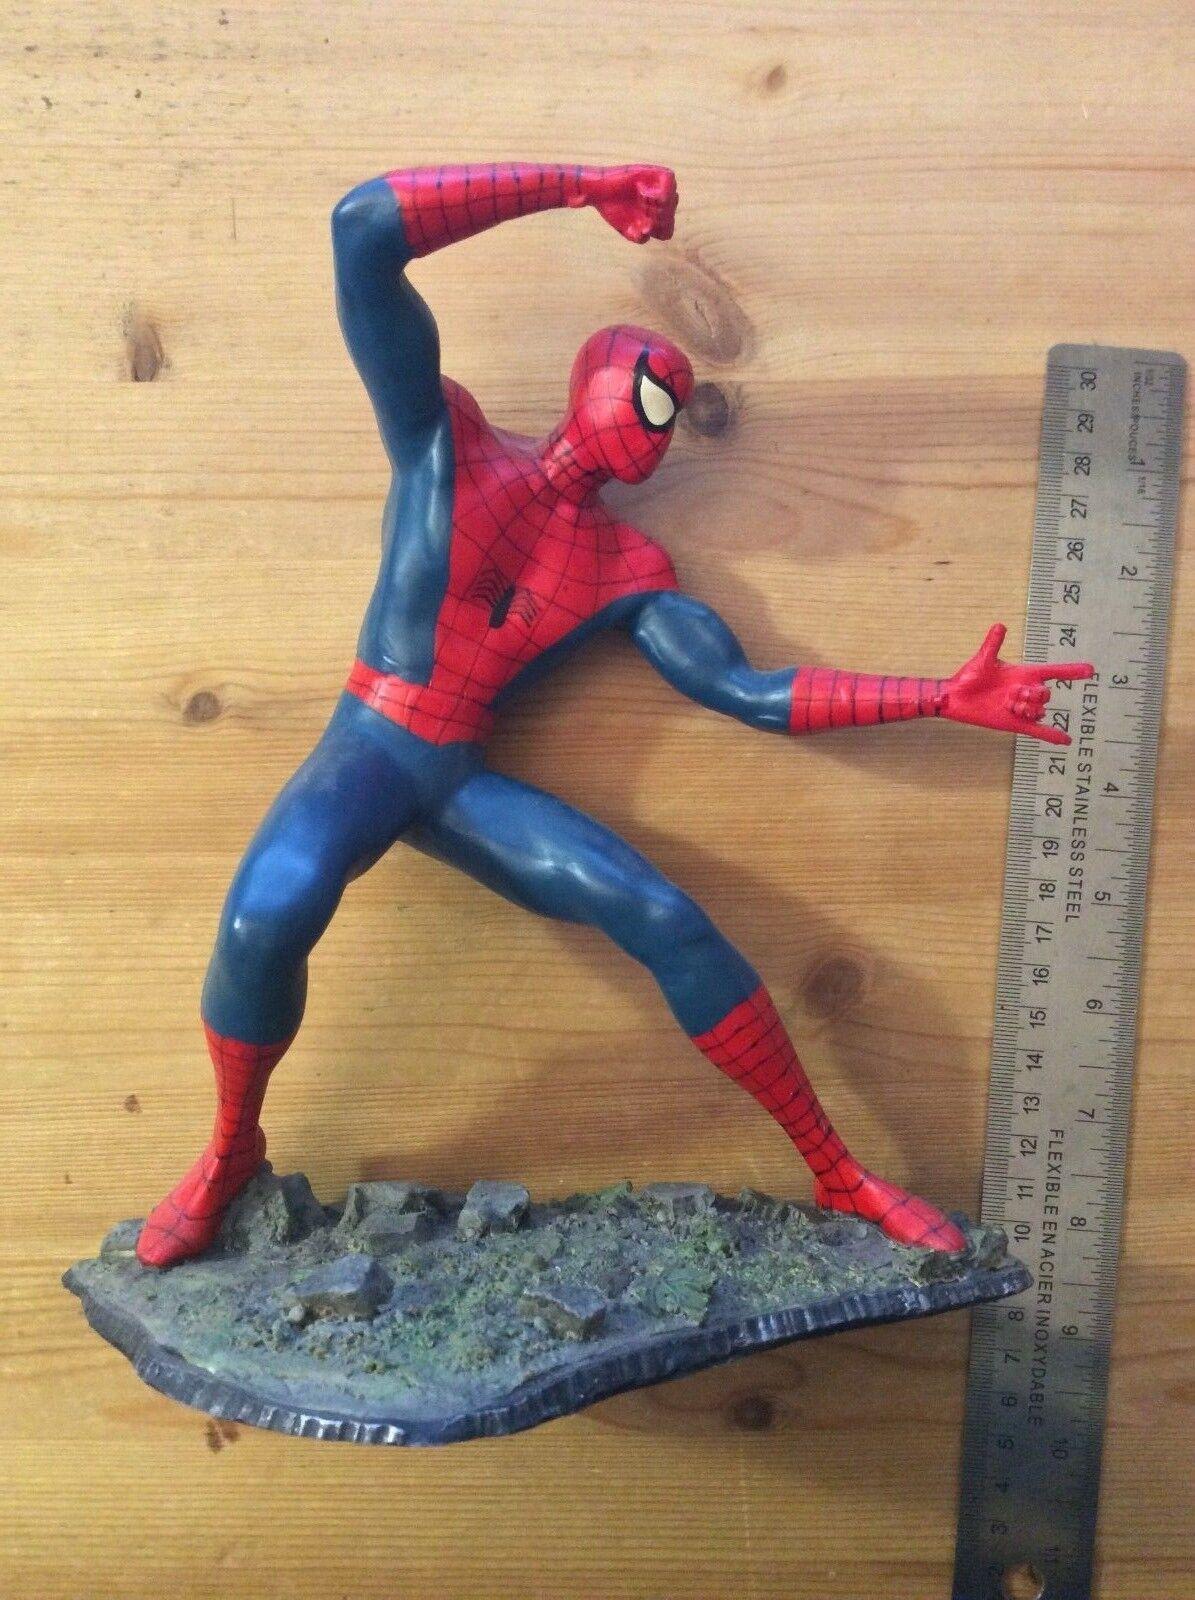 Vintage - klassiker  spider - man  - actionfigur statue )